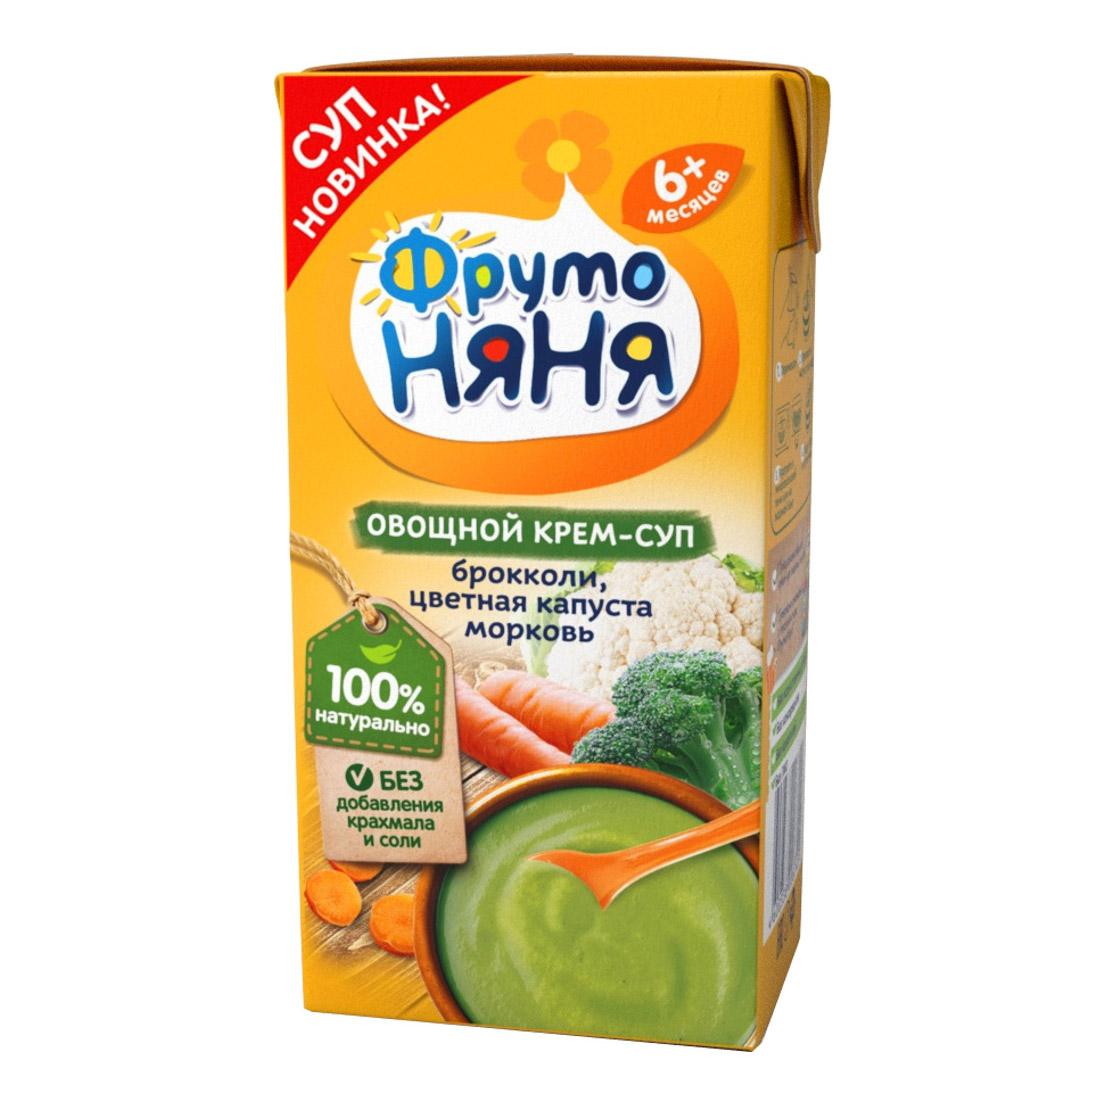 Крем-суп ФрутоНяня Брокколи, цветная капуста и морковь 200 г недорого